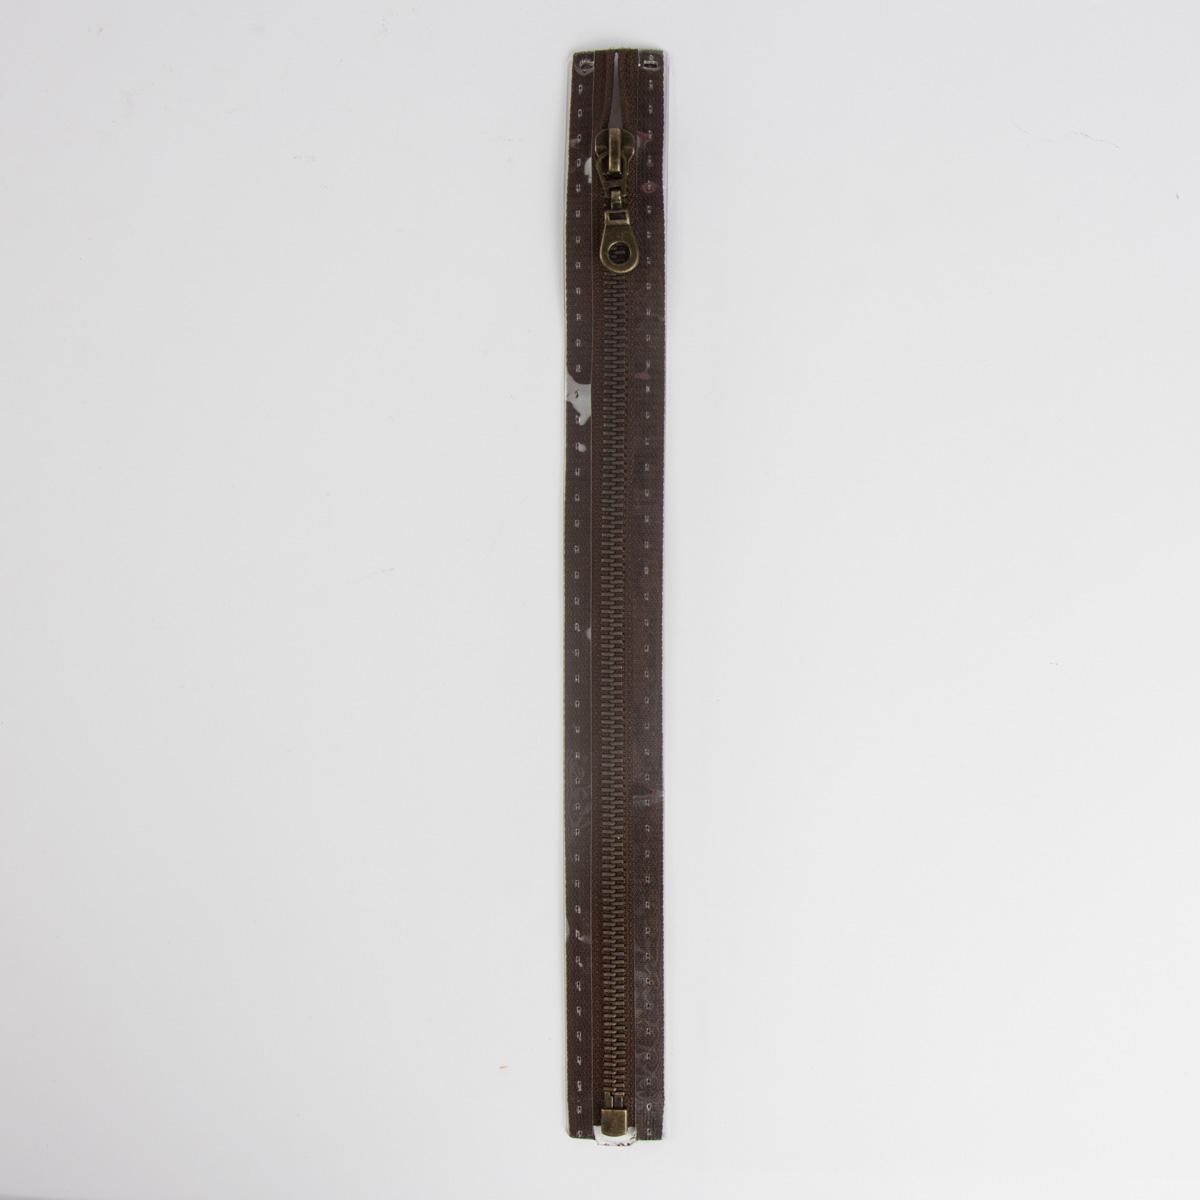 Reißverschluss M5 Typ 10 tb 40 cm am-fb Fla dunkelbr